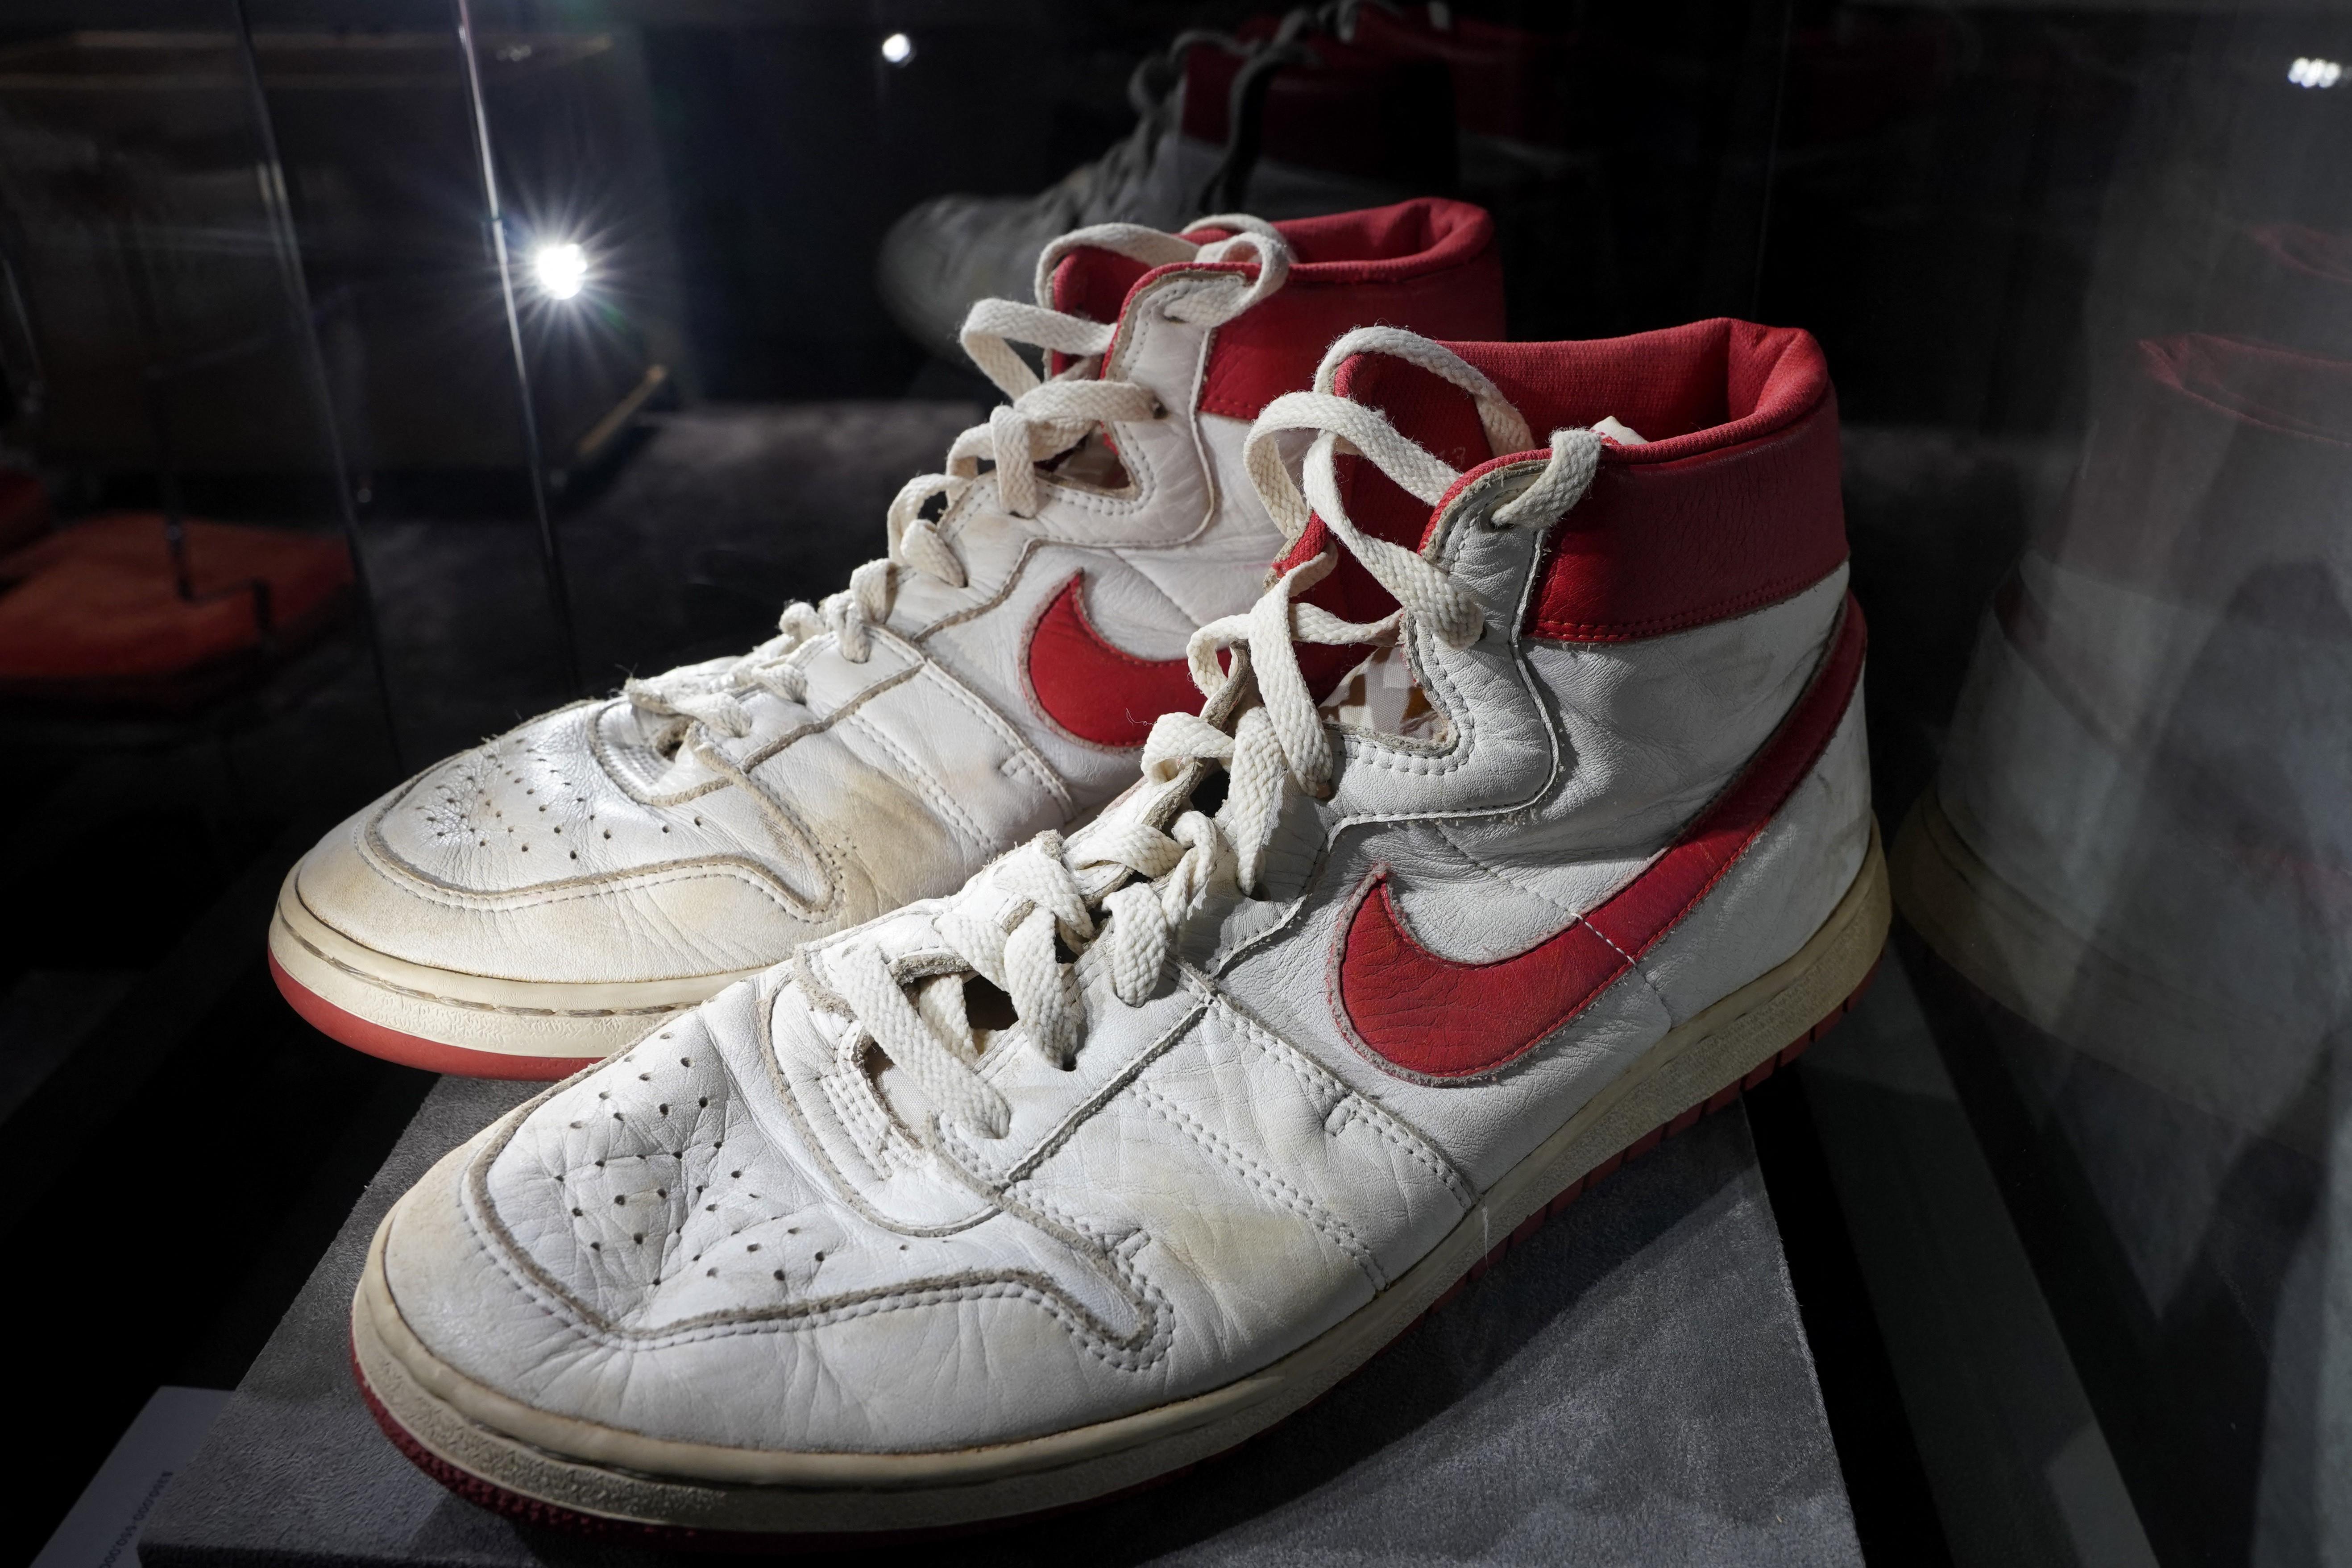 Elképesztő összegért kelt el Michael Jordan legendás kosaras cipője